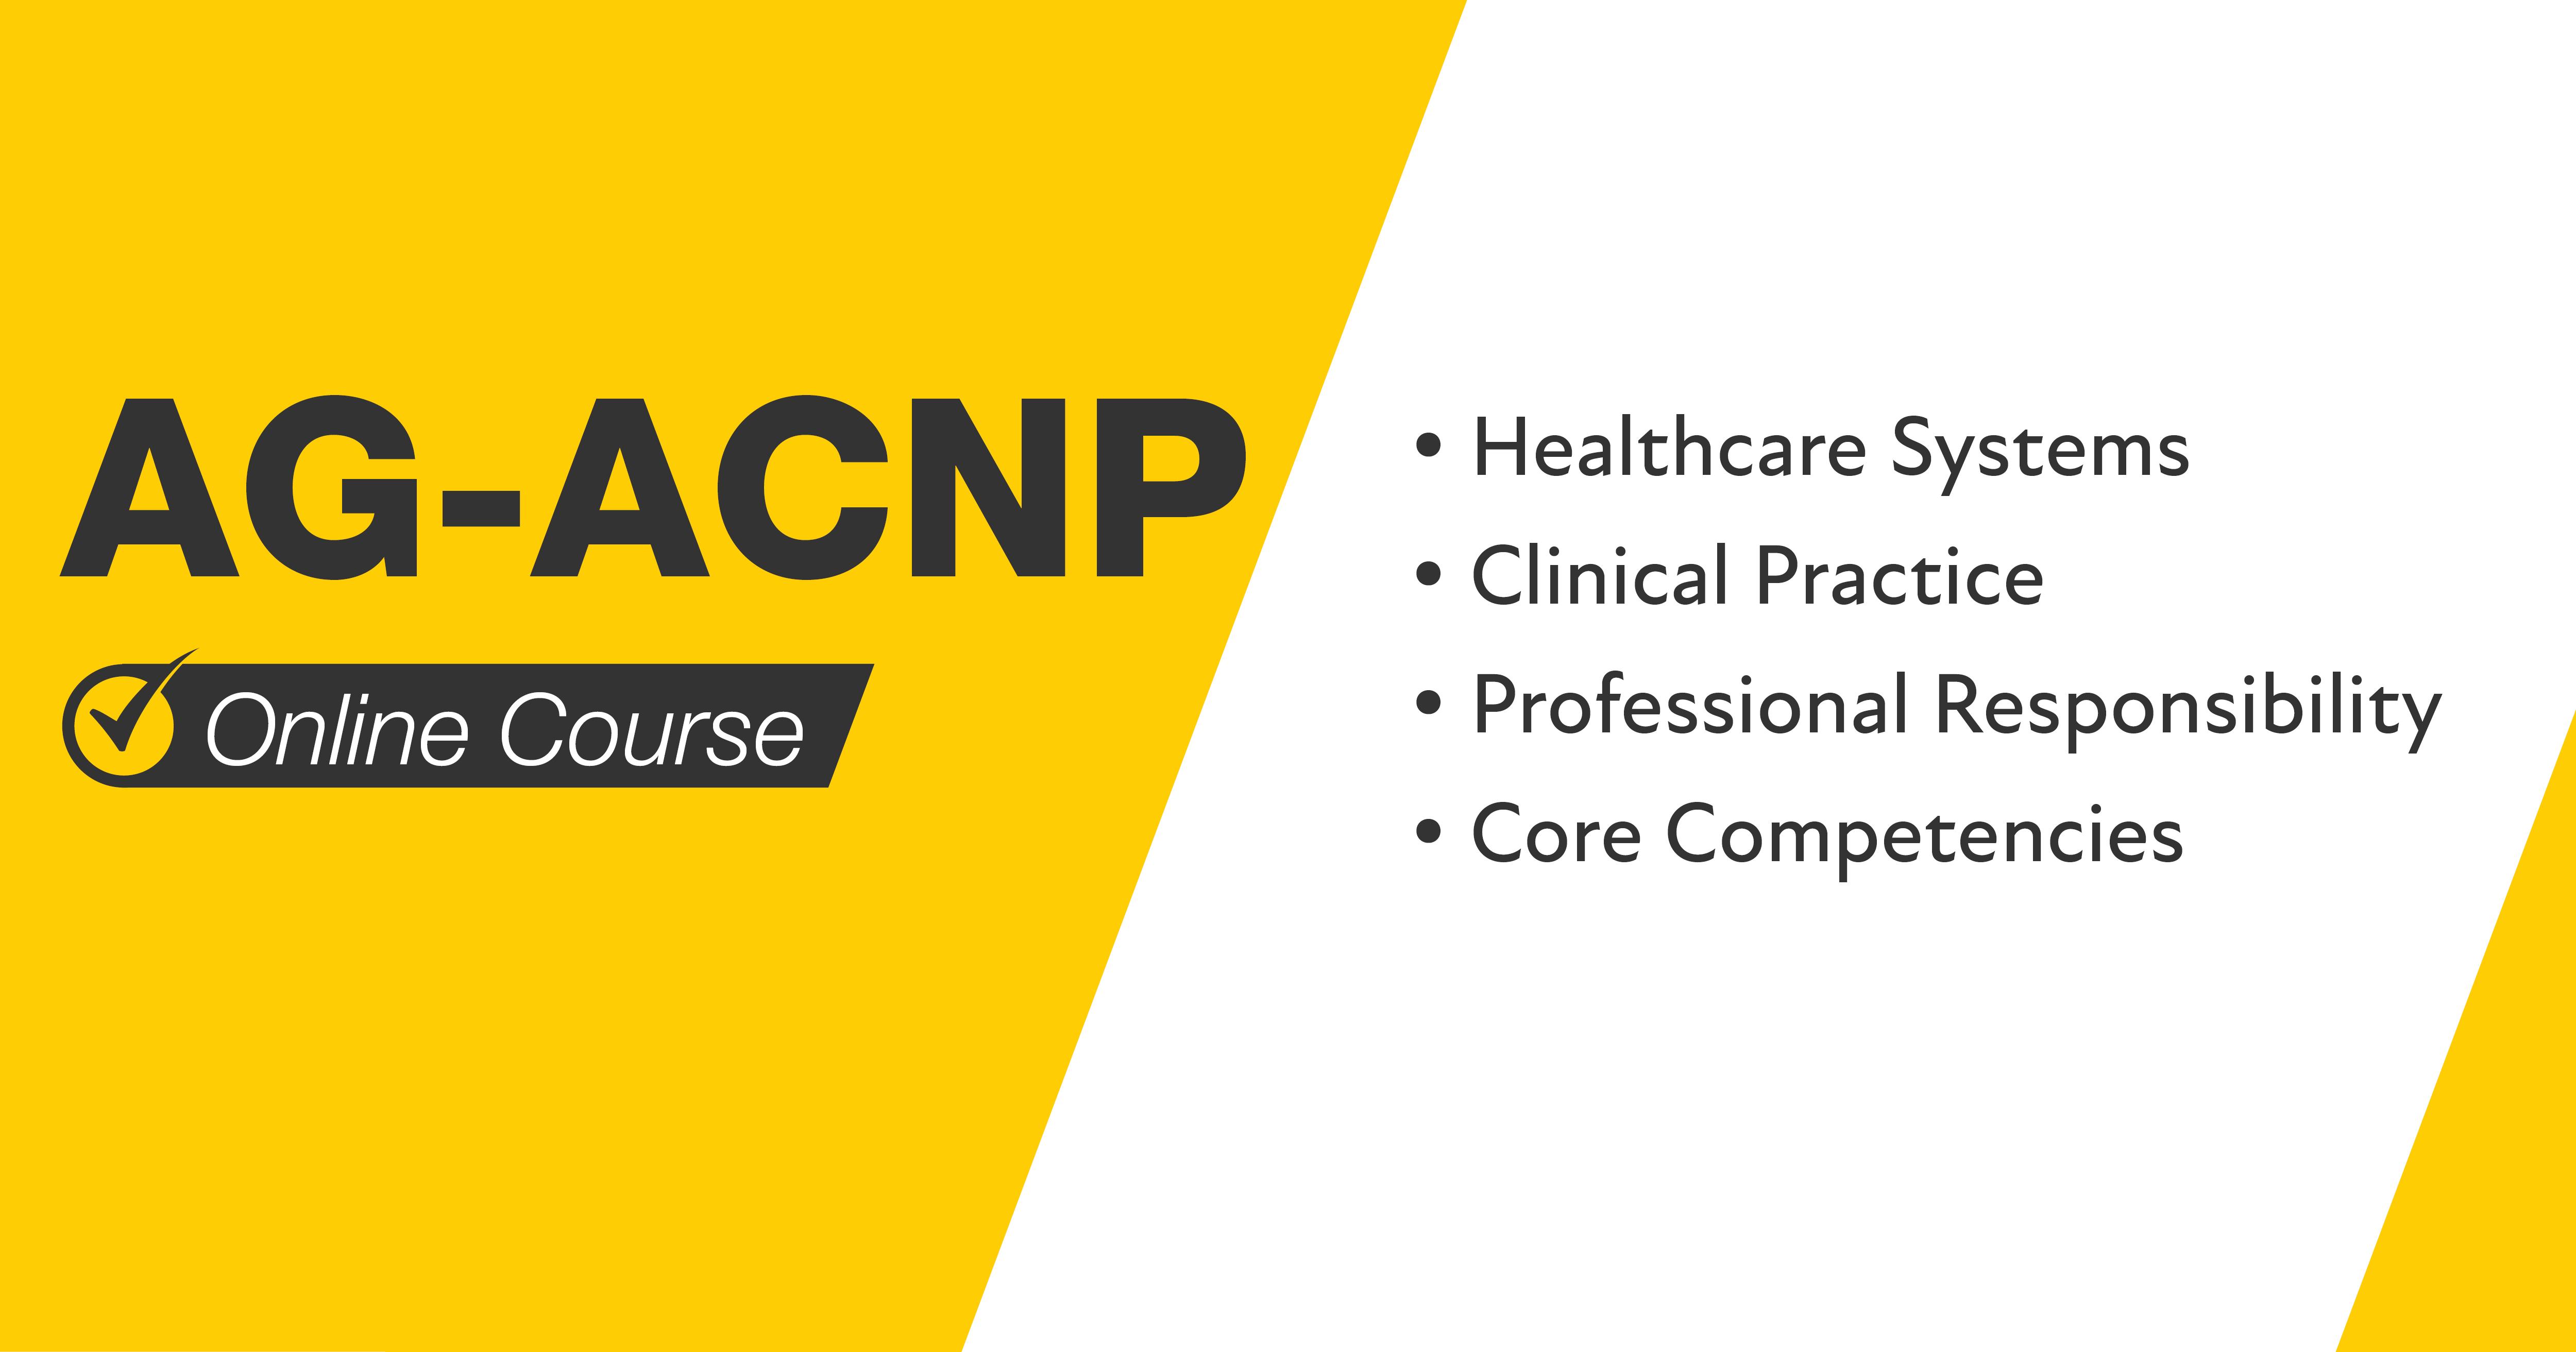 Mometrix AG-ACNP Course